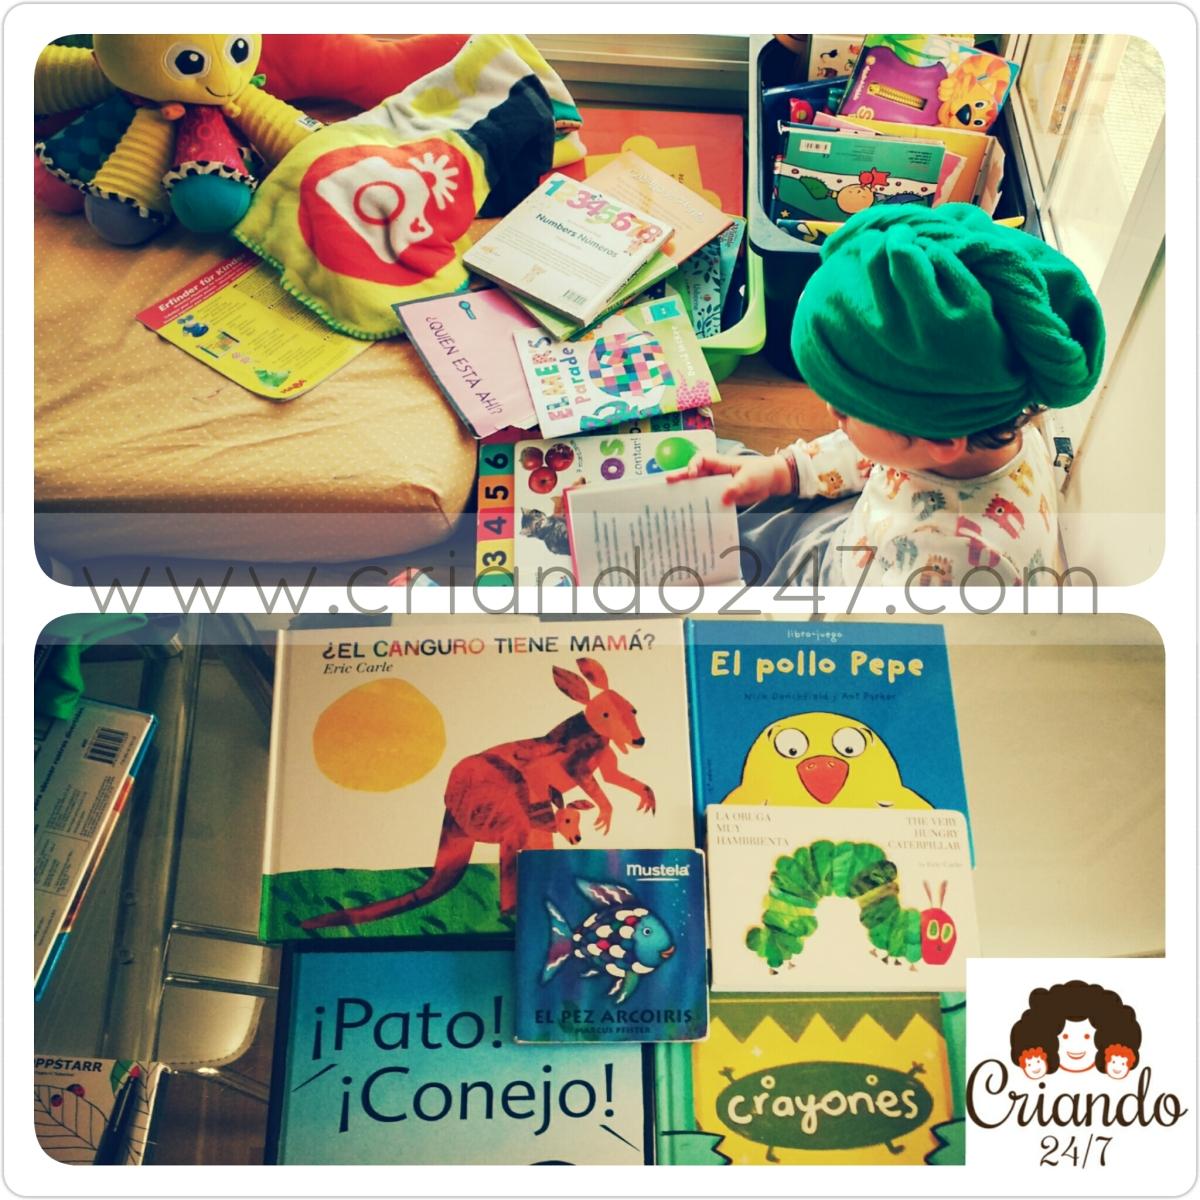 #HoyLeemos Los 6 cuentos preferidos de mis hijos de 2 y 4 años